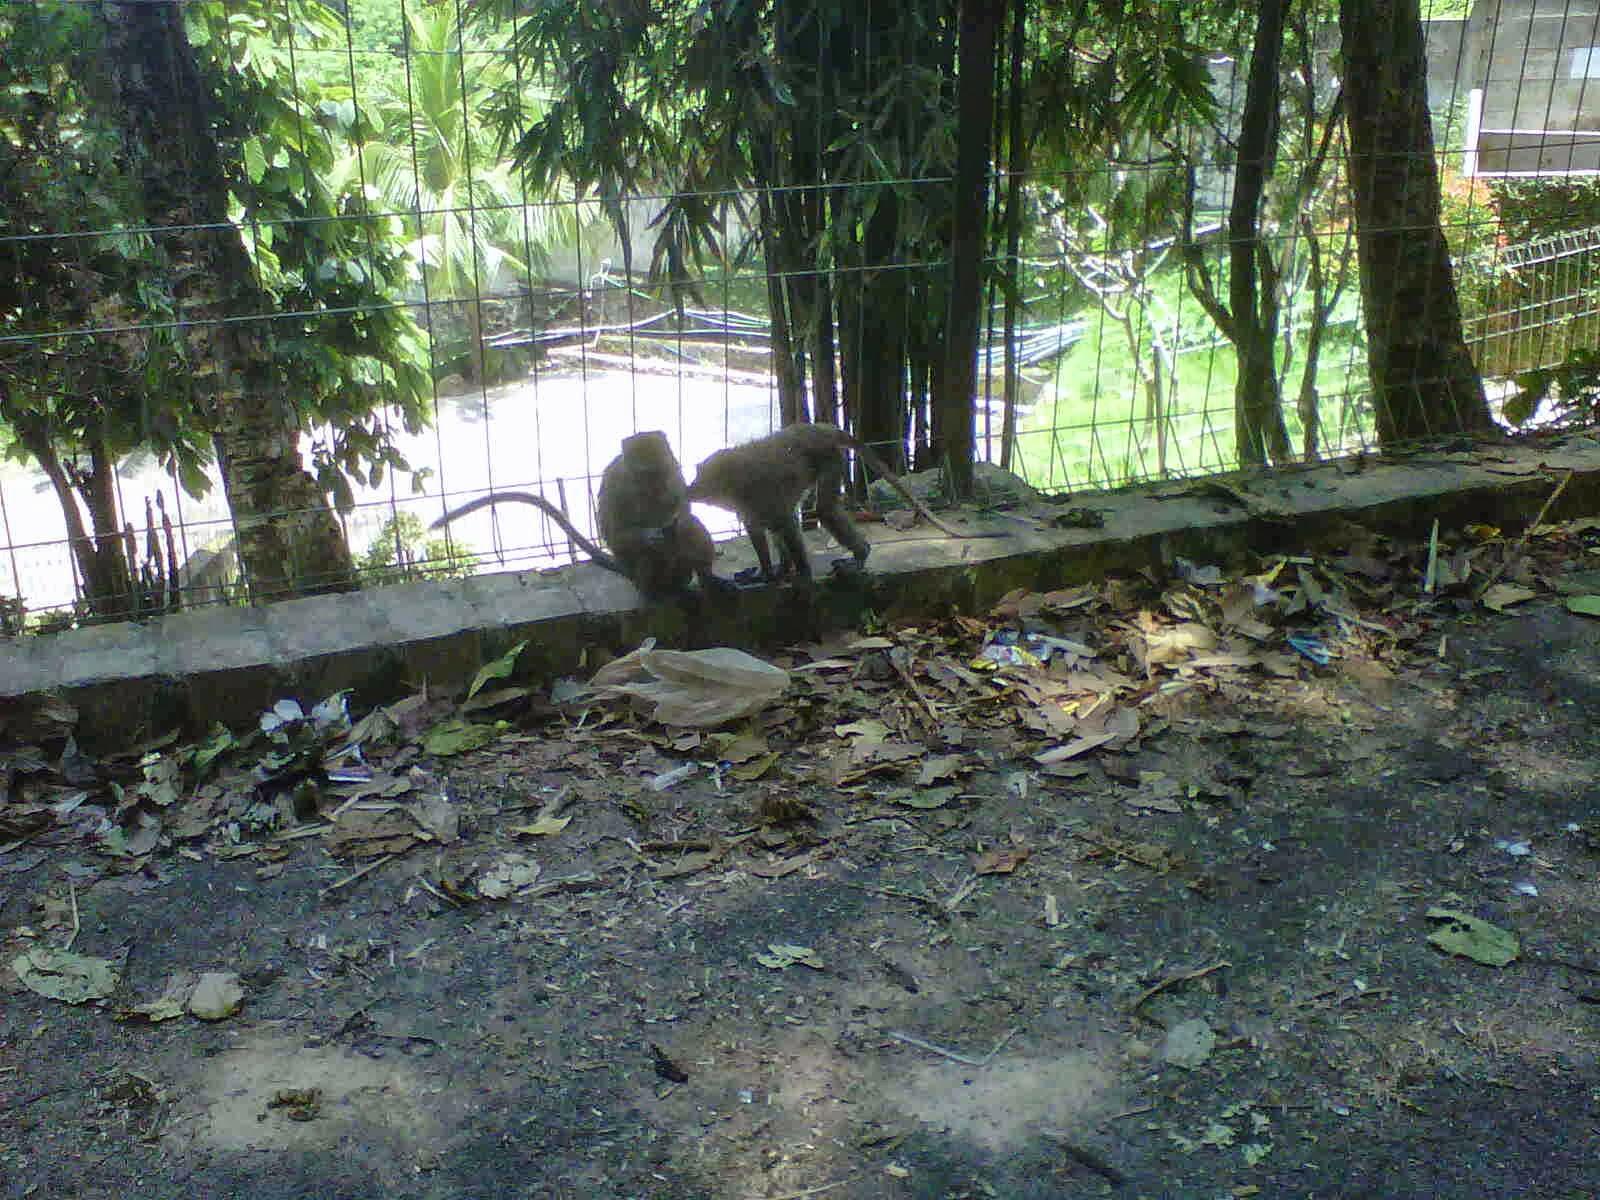 Infobungimor Asal Usul Kera Hutan Taman Sumur Batu Lampung Pengembangan